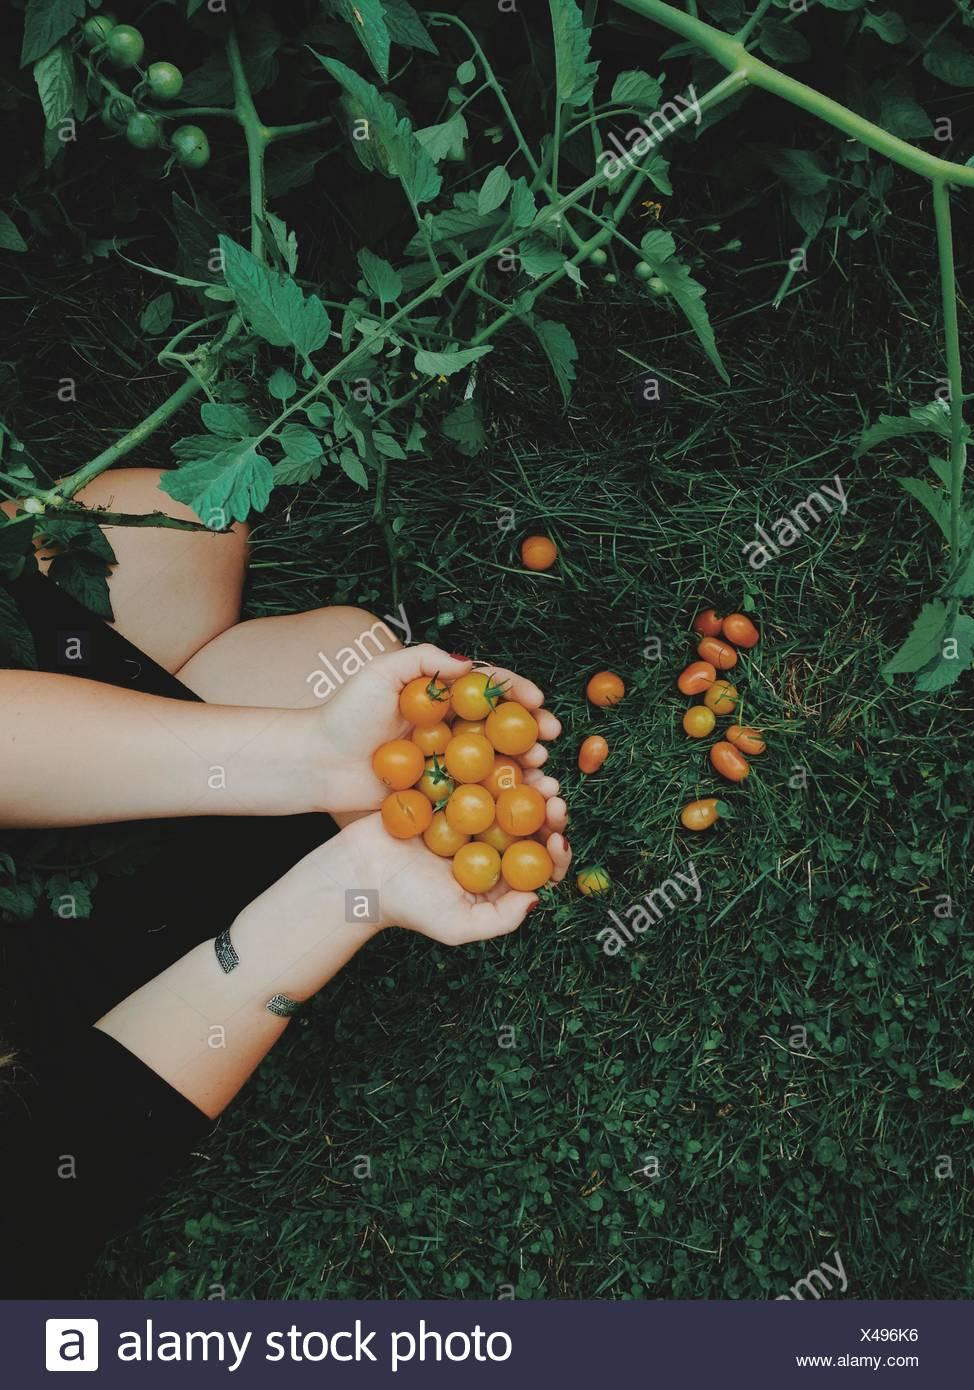 Vista aérea de la mujer sosteniendo los tomates recién elegido Foto de stock